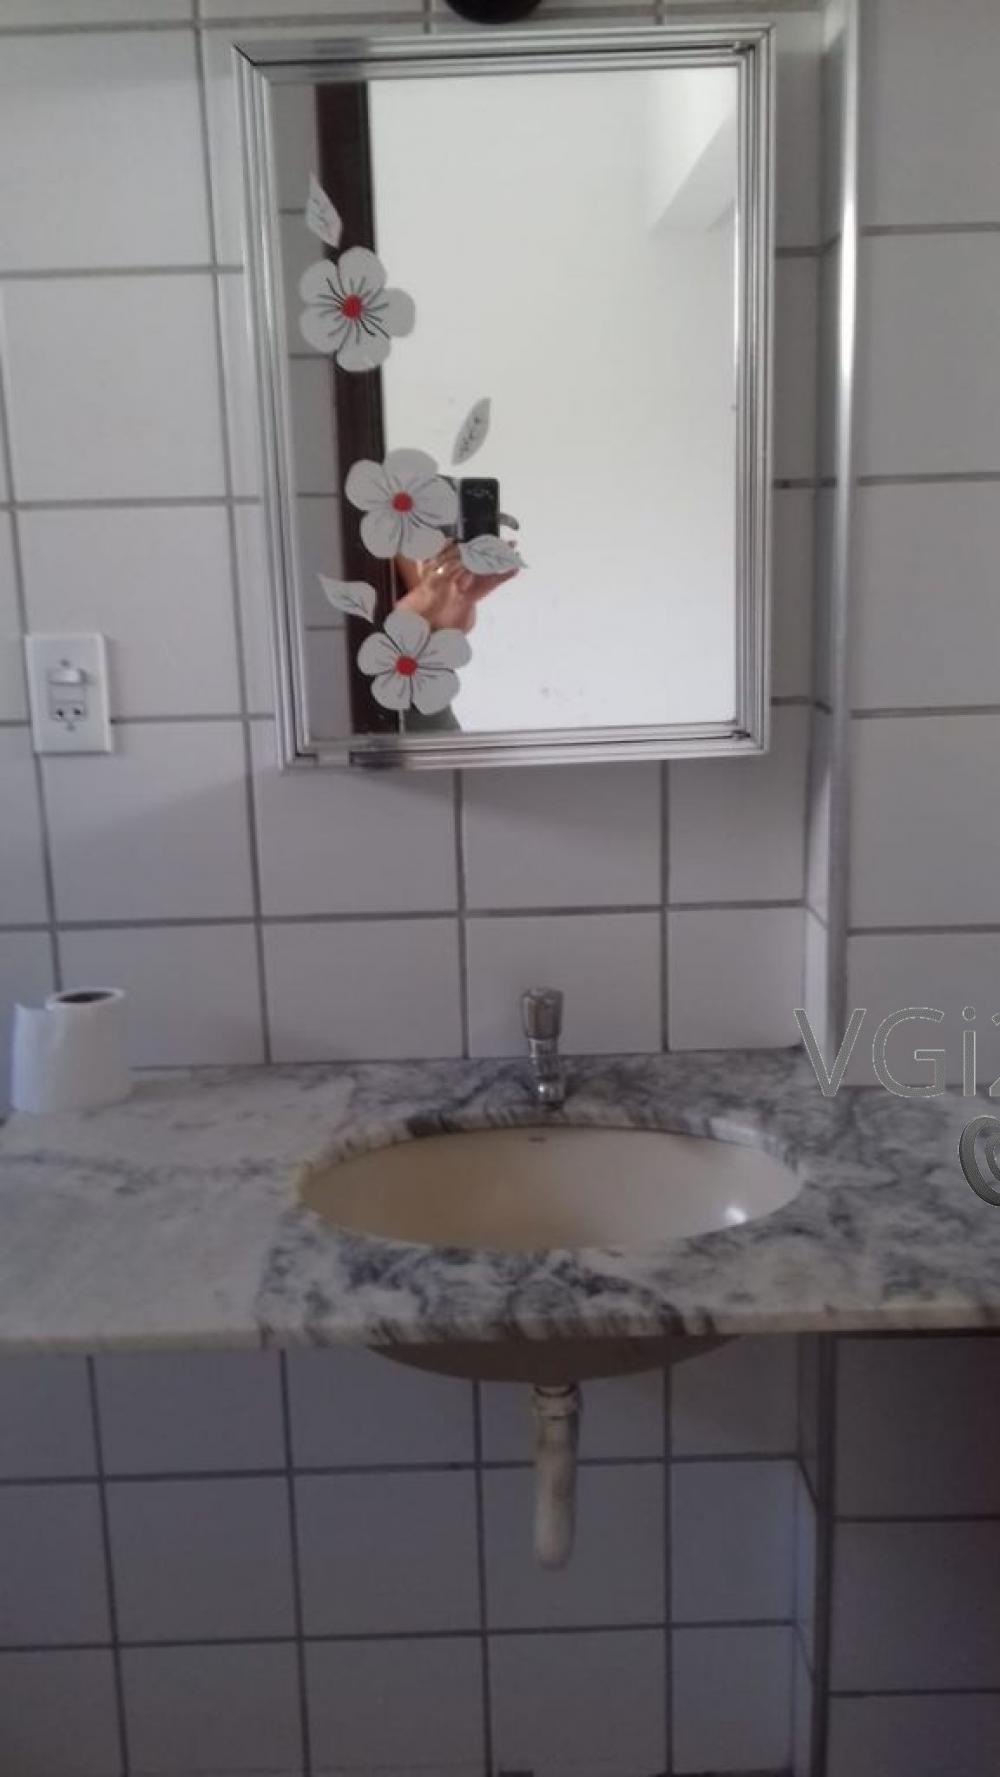 Alugar Apartamento / Padrão em Ribeirão Preto R$ 600,00 - Foto 11